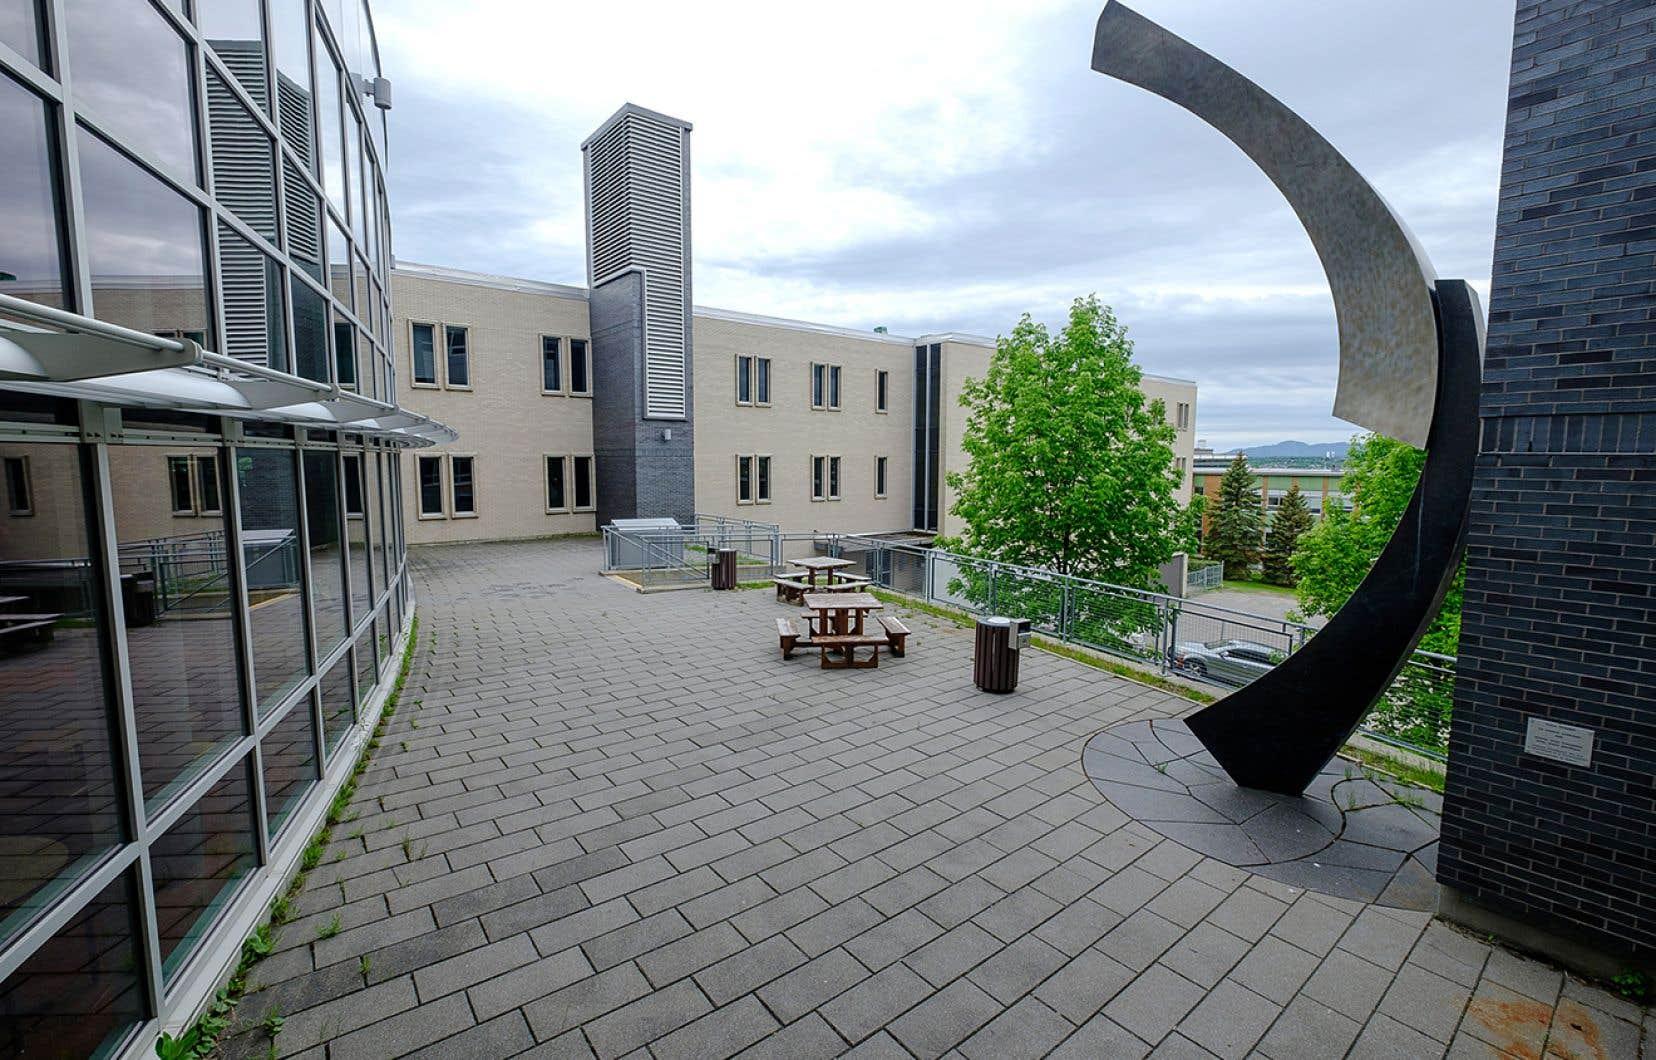 Les espaces extérieurs de l'Université de Sherbrooke sont utilisés pour accueillir les étudiants quand la température le permet.